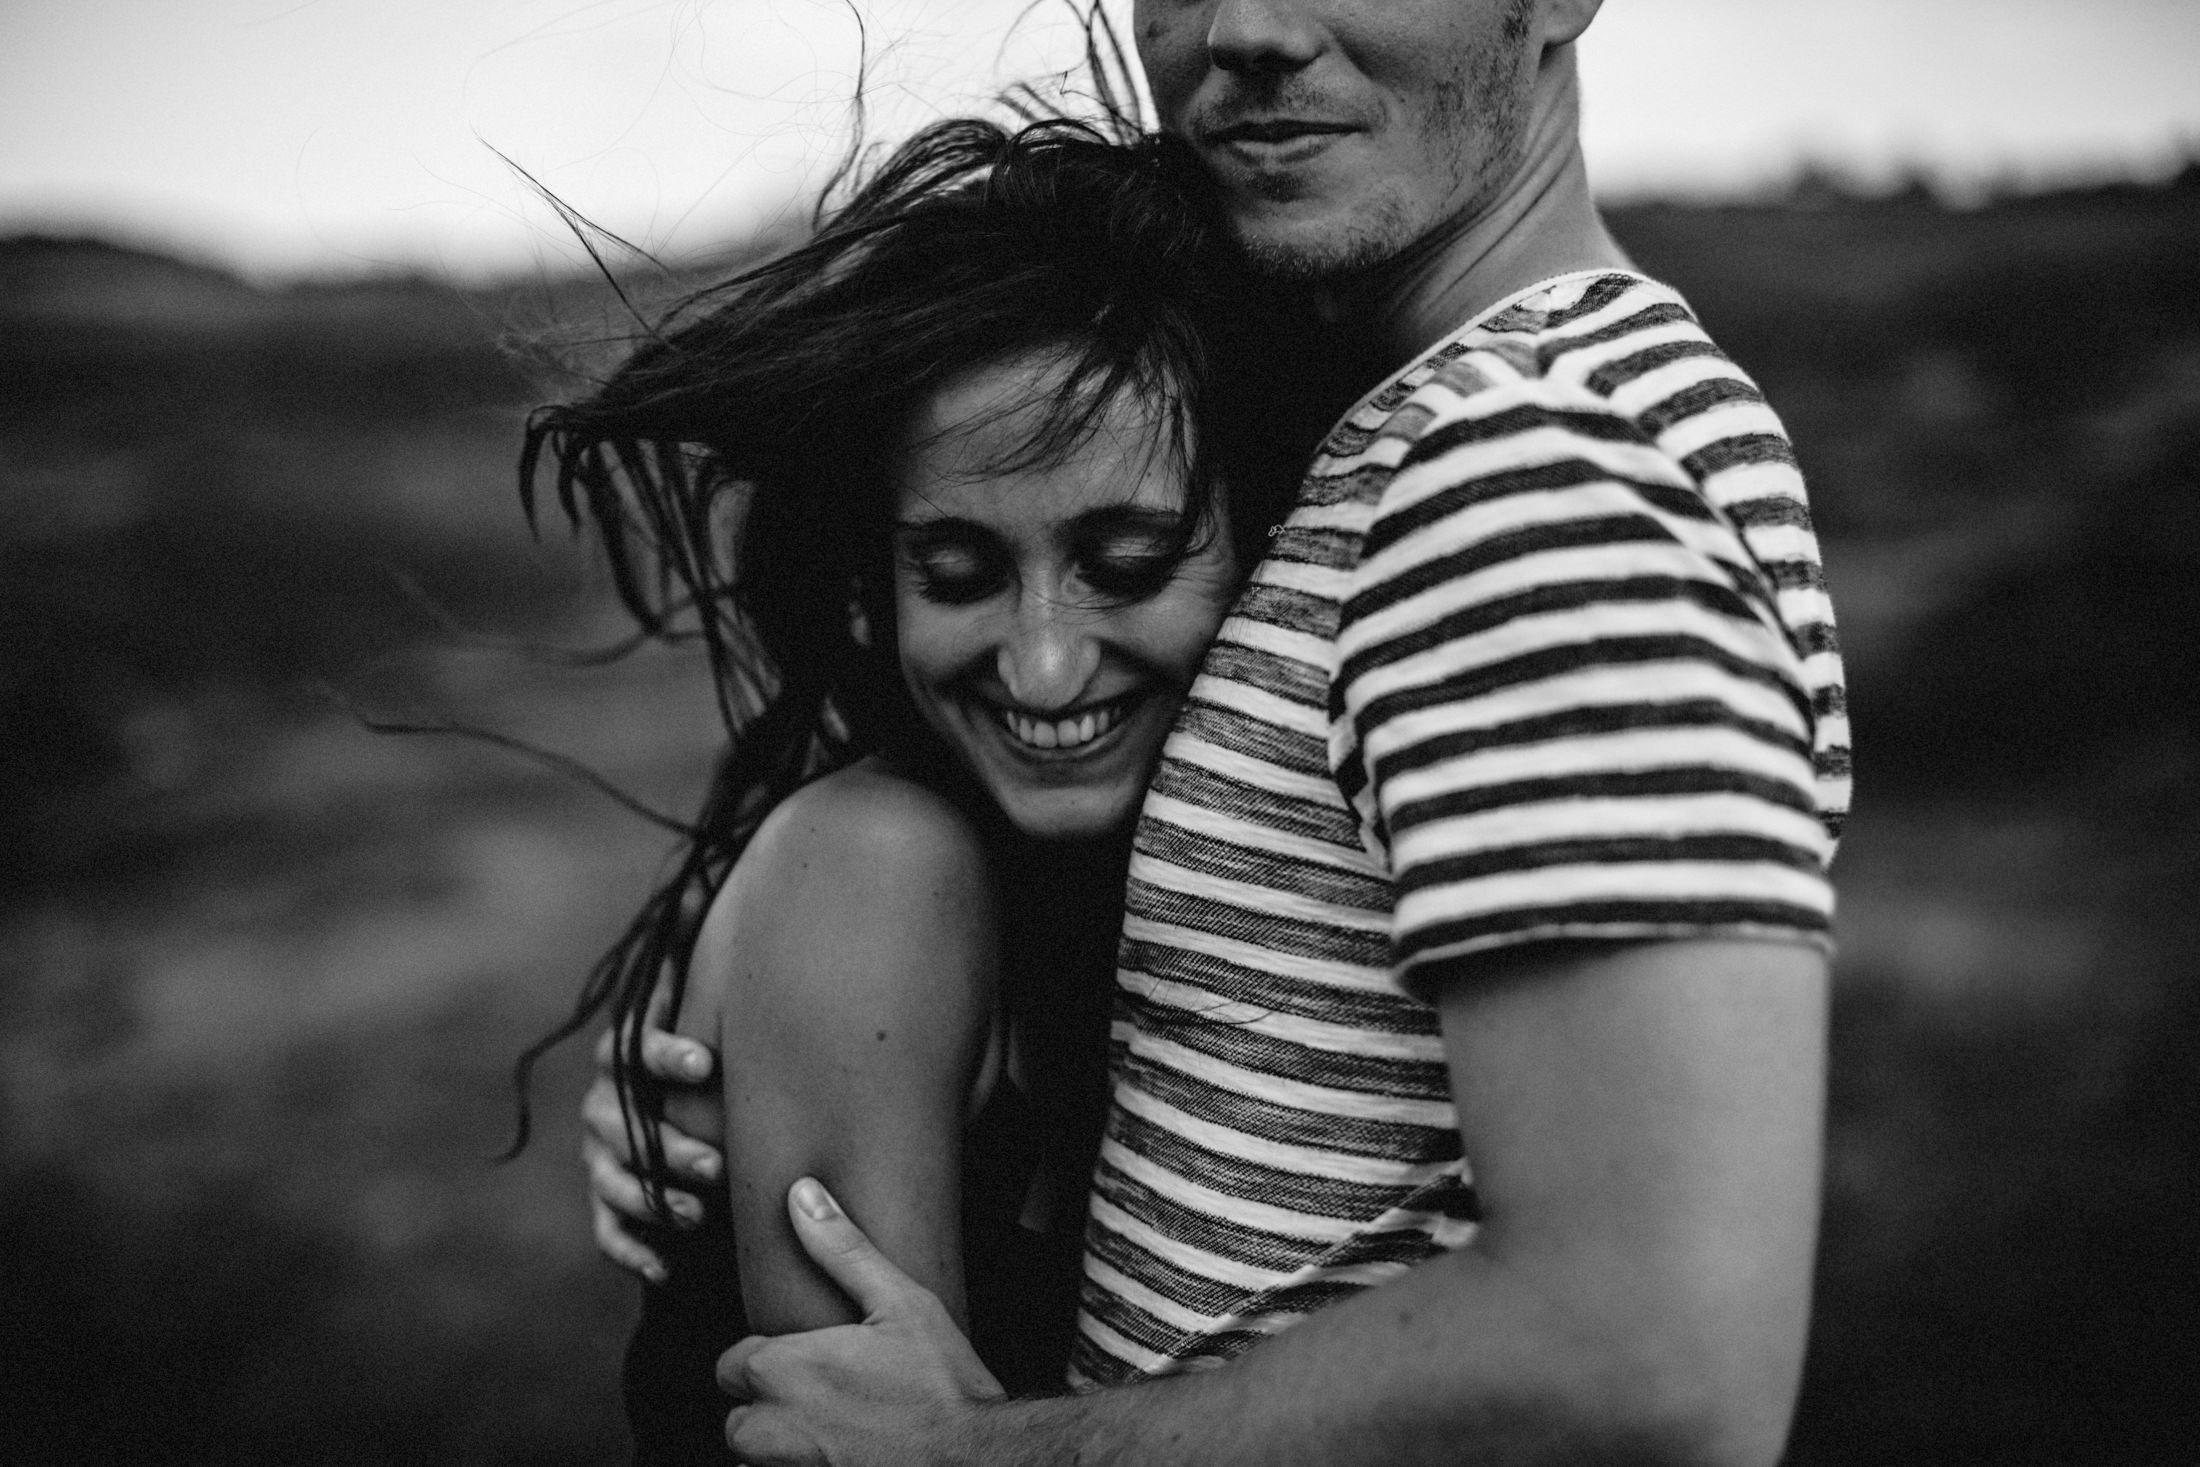 steven-bassilieaux-photographe-wedding-mariage-espagne-bordeaux-france-30-EX .jpg